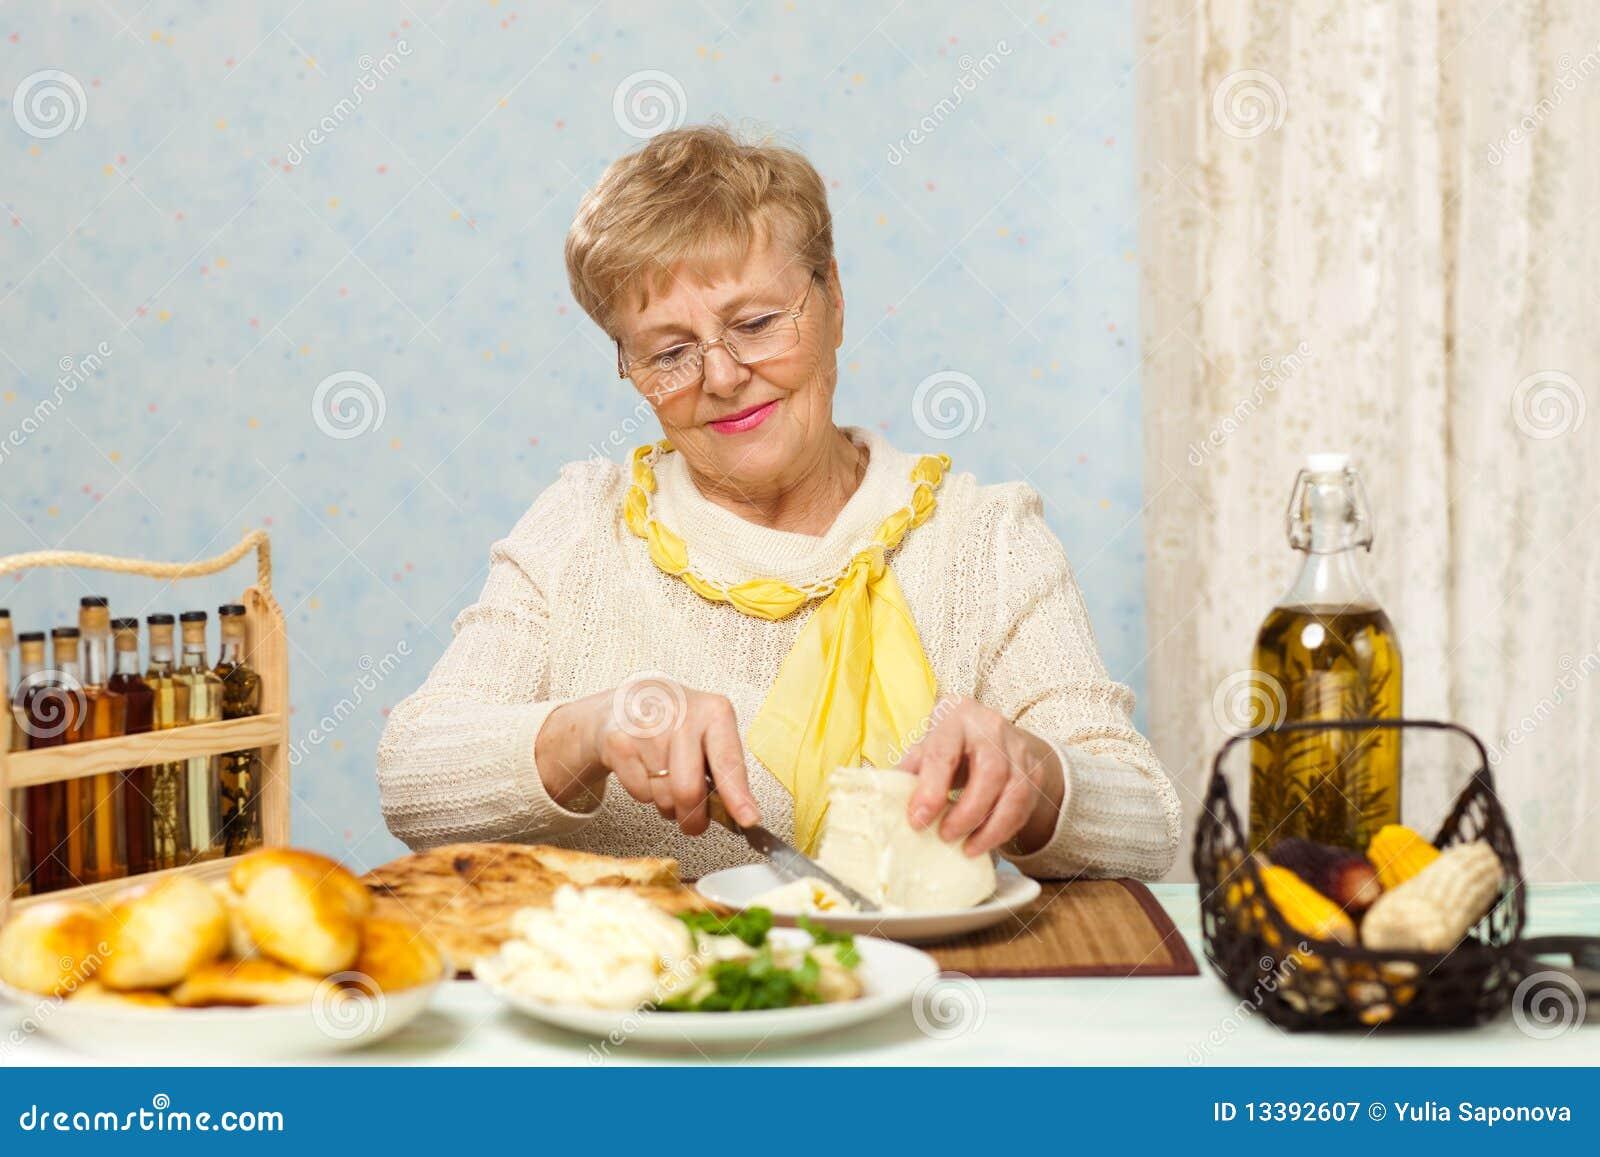 Снял пожилую женщину с улицы 9 фотография